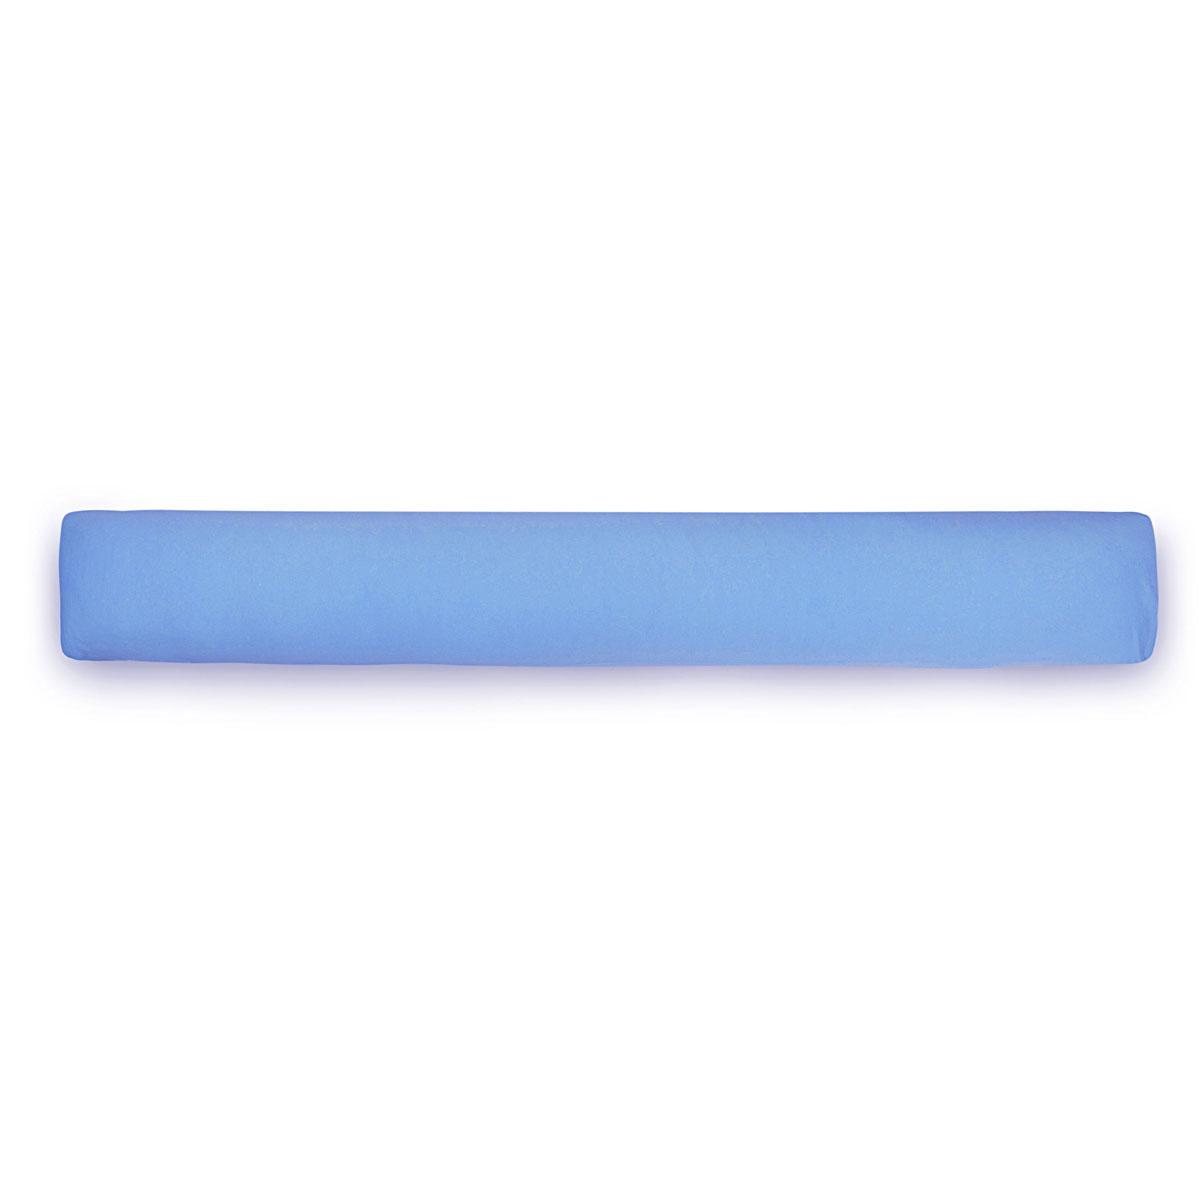 БИО-Подушка для всего тела I mini чехол цвет голубойIMINI3Био-подушка I mini- это длинная подушка-обнимашка. Она очень нравится детям и подросткам. Удобна как длинная подушка для изголовья кровати, подушка-позиционер, большая подушка-игрушка. Идеальна в качестве подарка для ребенка любого возраста и даже для взрослых. Это самый большой и оригинальный подарок, который можно купить за небольшие деньги.Мягкий наполнитель из тонкого полиэфирного волокна (микроволокно) гигиеничен и прост в уходе (машинная стирка). Подушка мягкая и комфортная, равномерно наполнена. Вы можете сгибать и скручивать подушку, чтобы принять удобную позу, потом подушка вернет свою первоначальную форму. Съемная наволочка из хлопкового трикотажа очень мягкая и приятная к телу. Она легко одевается и снимается благодаря эластичности, не мнется, не линяет. Материал подушки: микрофибра. Материал чехла: джерси (100% хлопок). Наполнитель: полиэфирное волокно.Список вещей в роддом. Статья OZON Гид